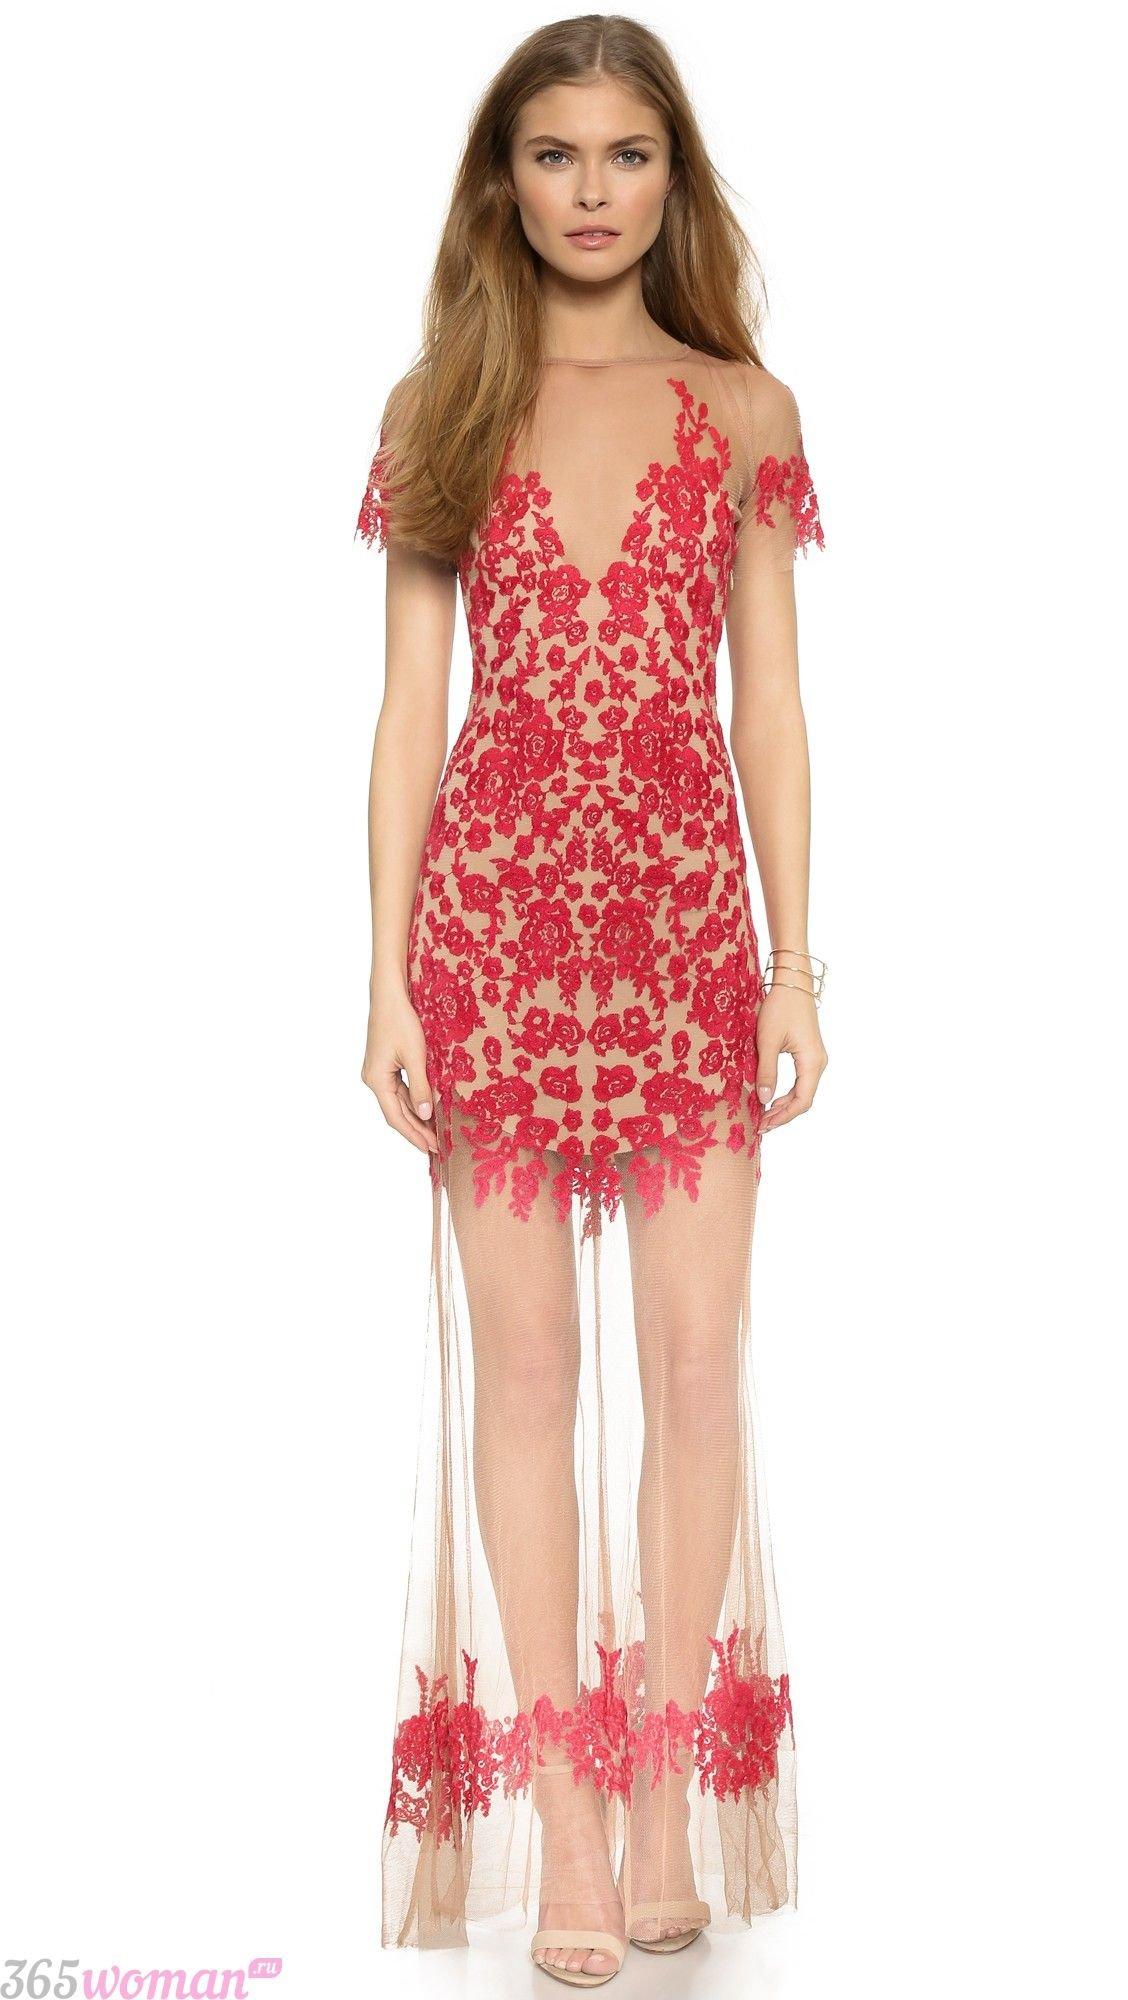 бежевое платье с красным кружевом и длинной прозрачной юбкой